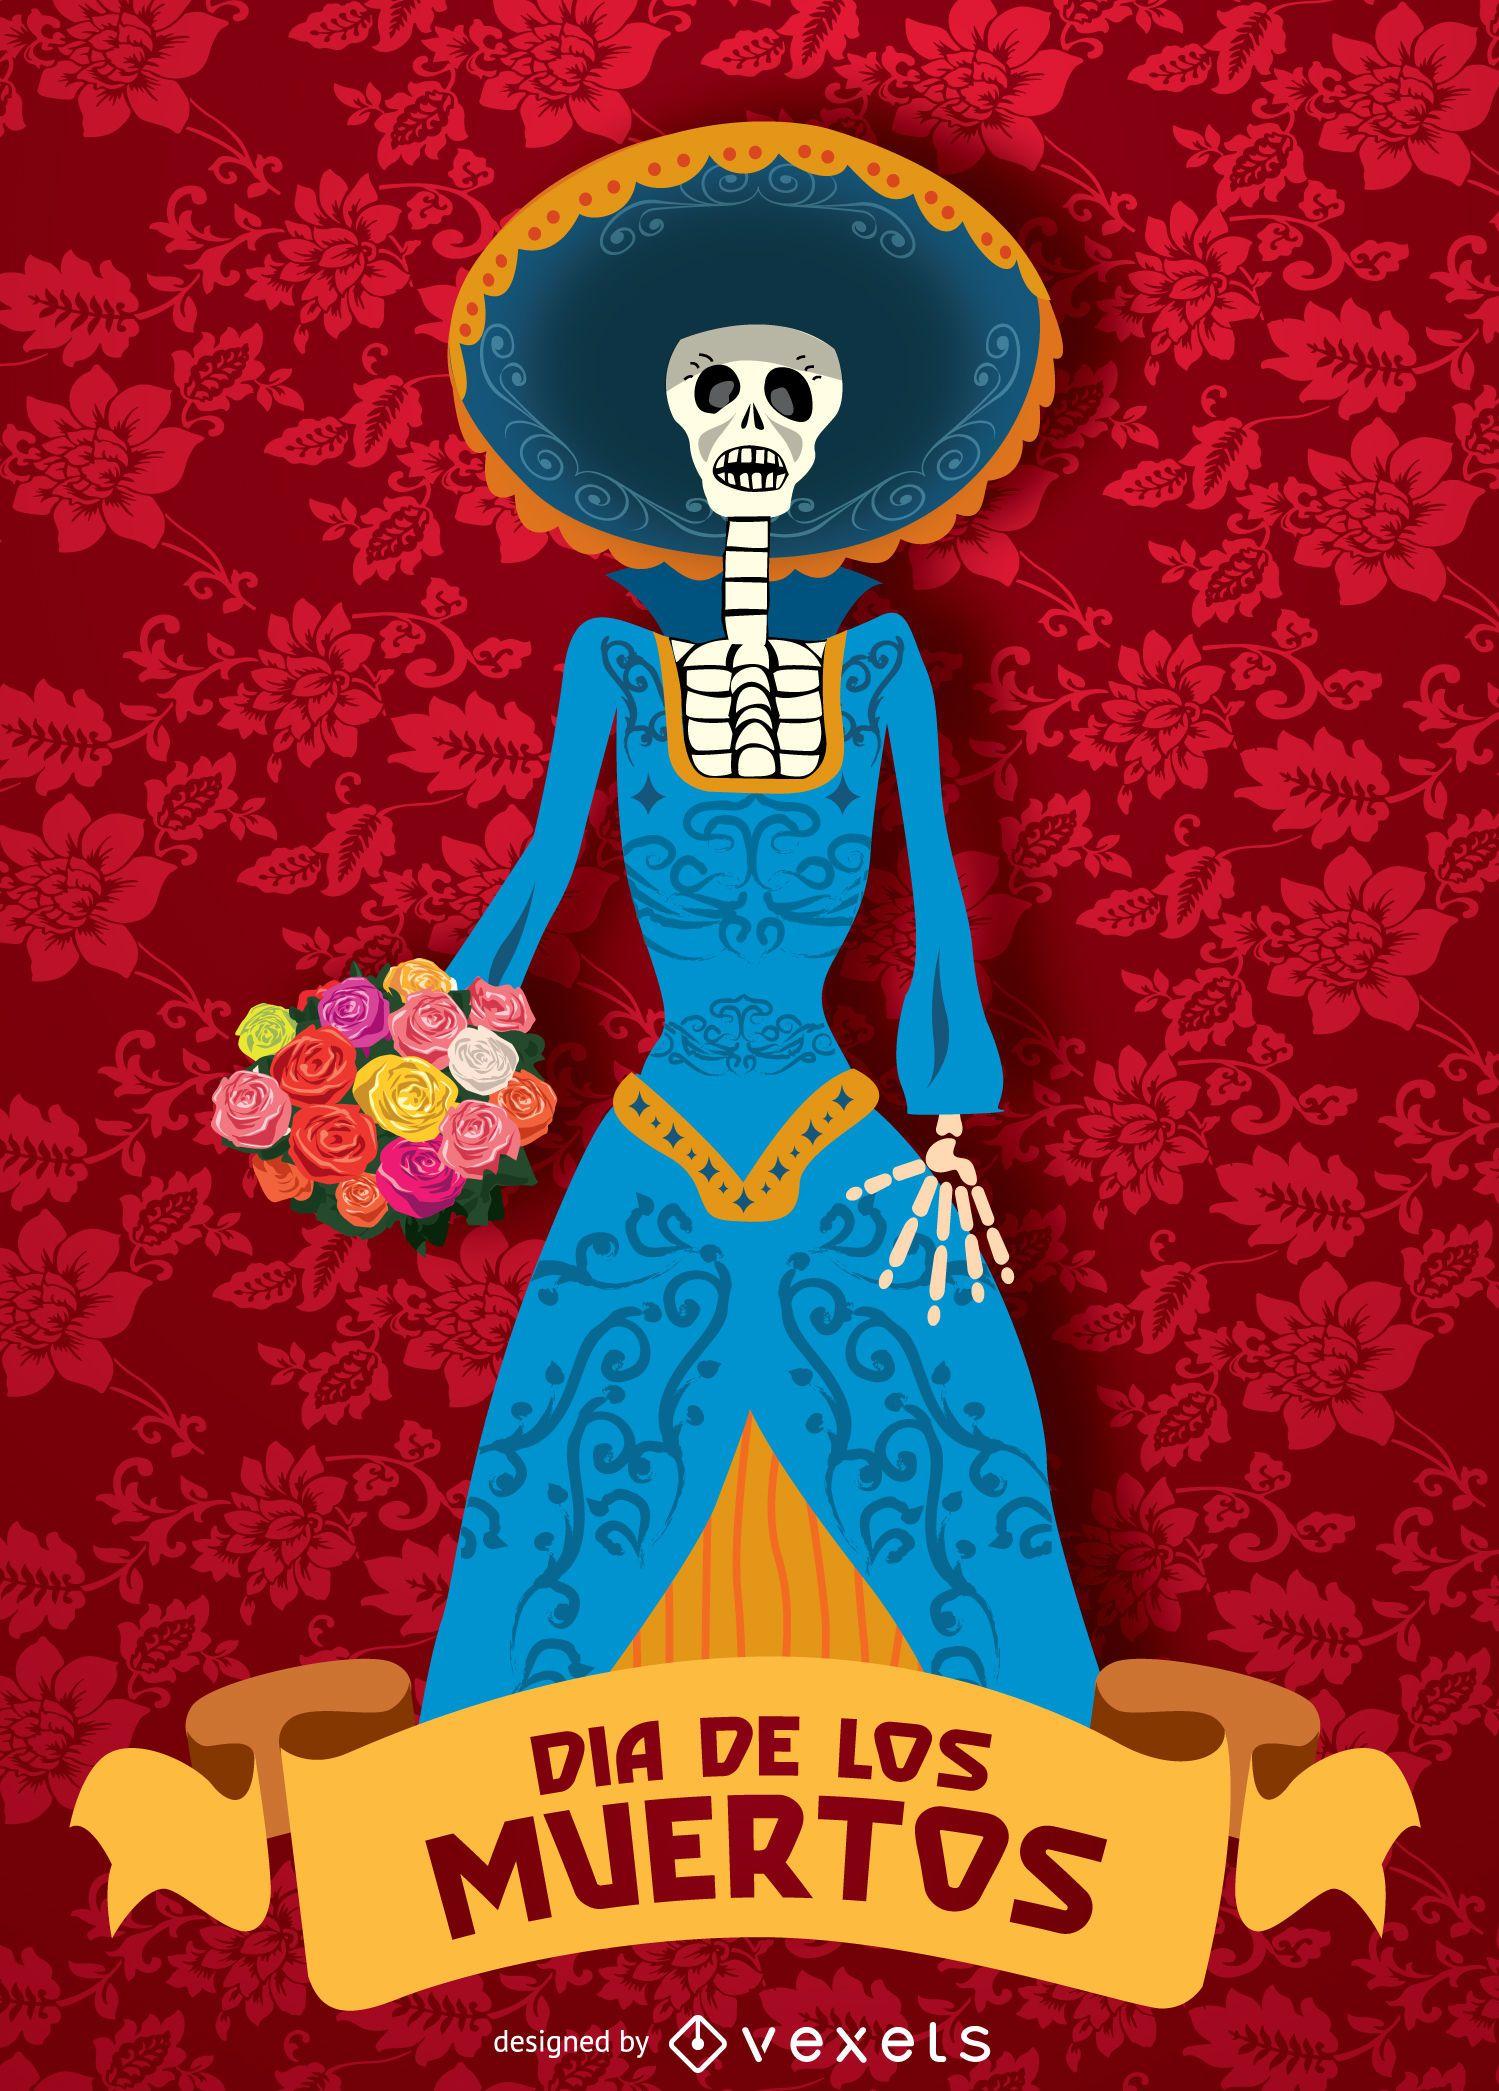 Dia de muertos - Dia de los muertos Catrina